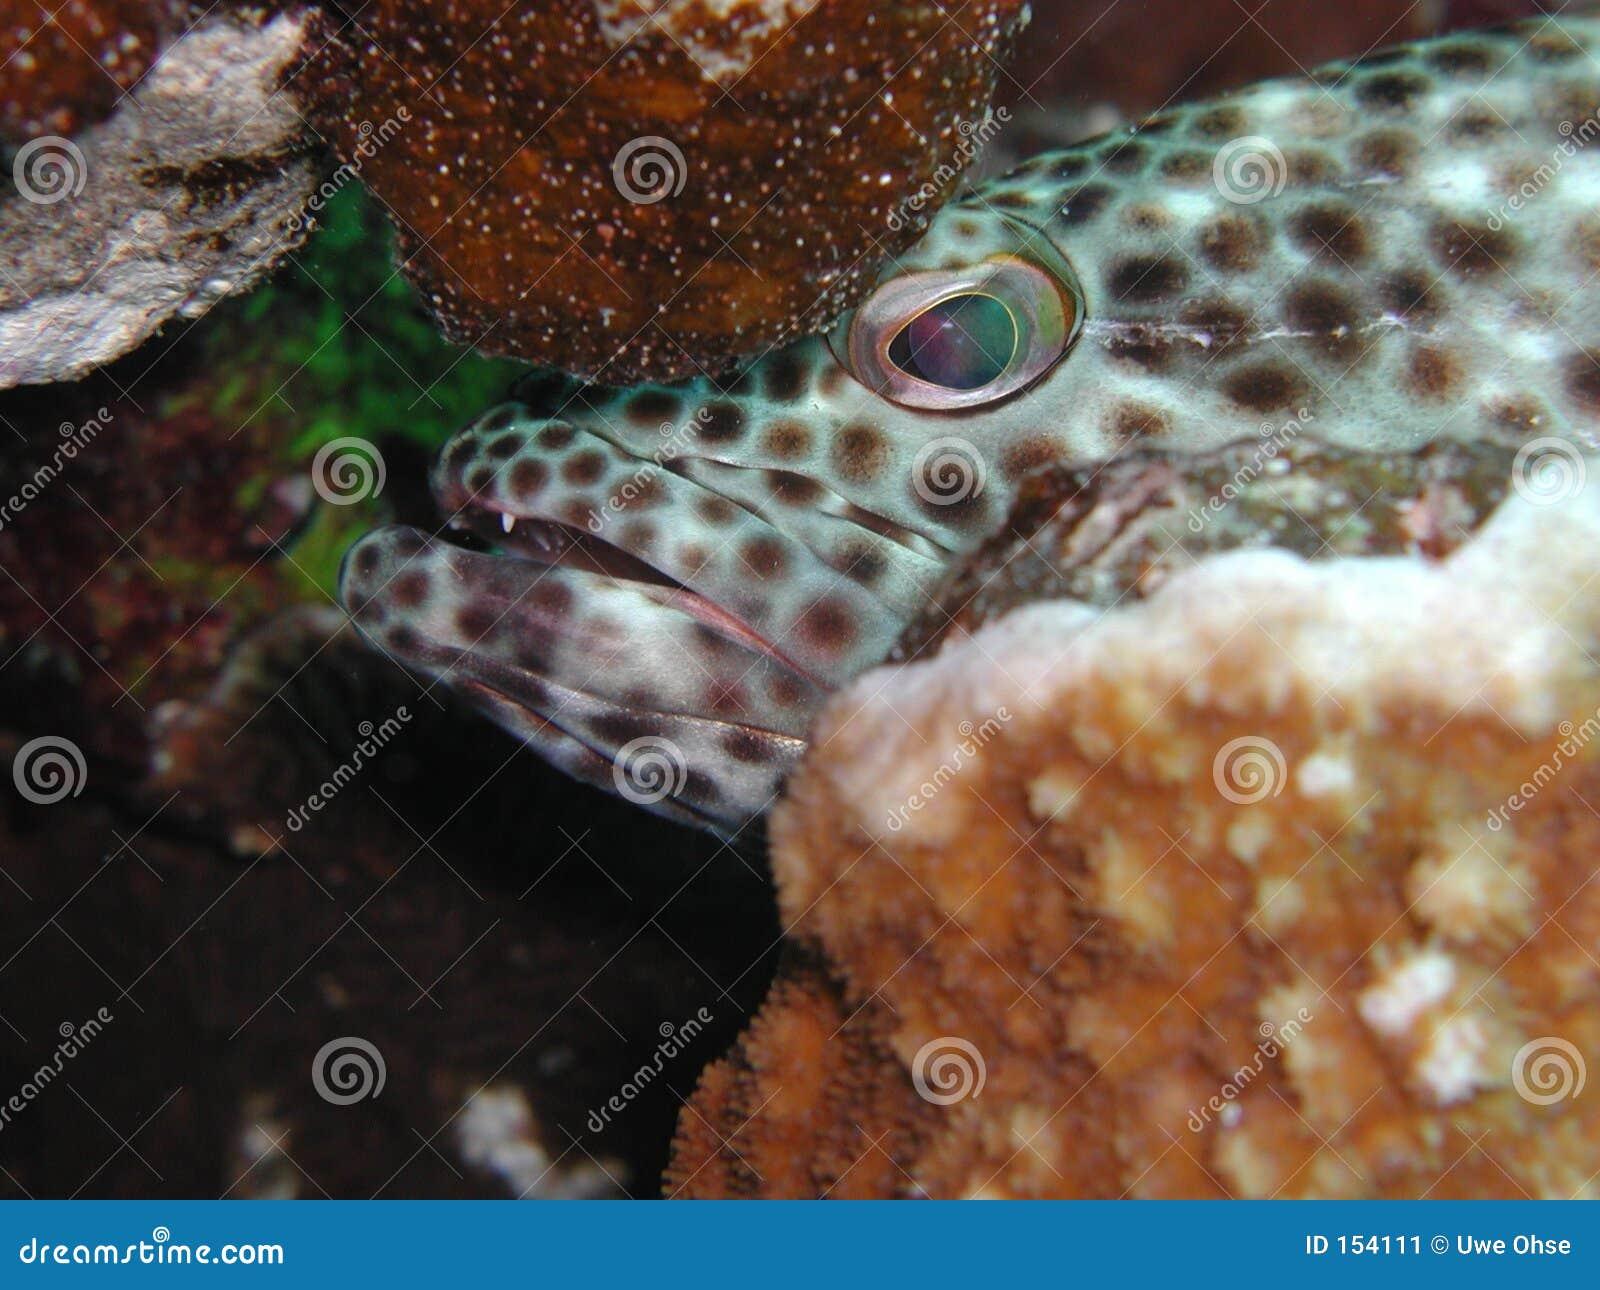 2油腻石斑鱼